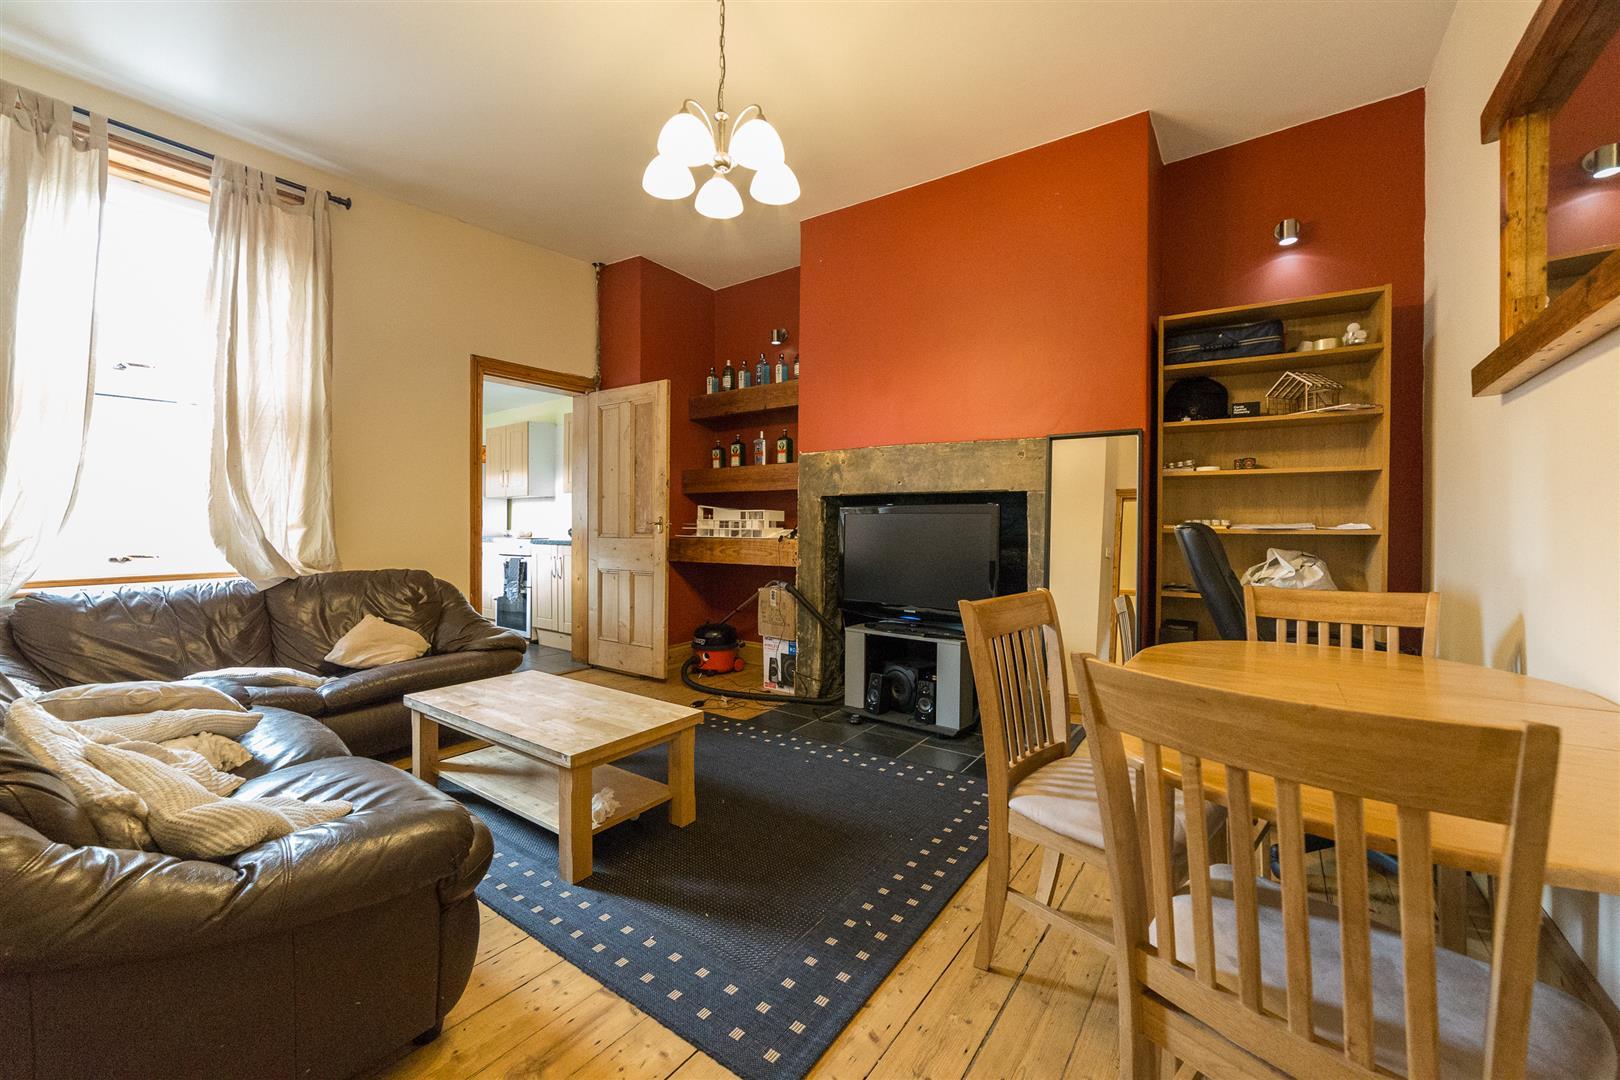 3 bed flat to rent in Fenham, NE4 5AD 0